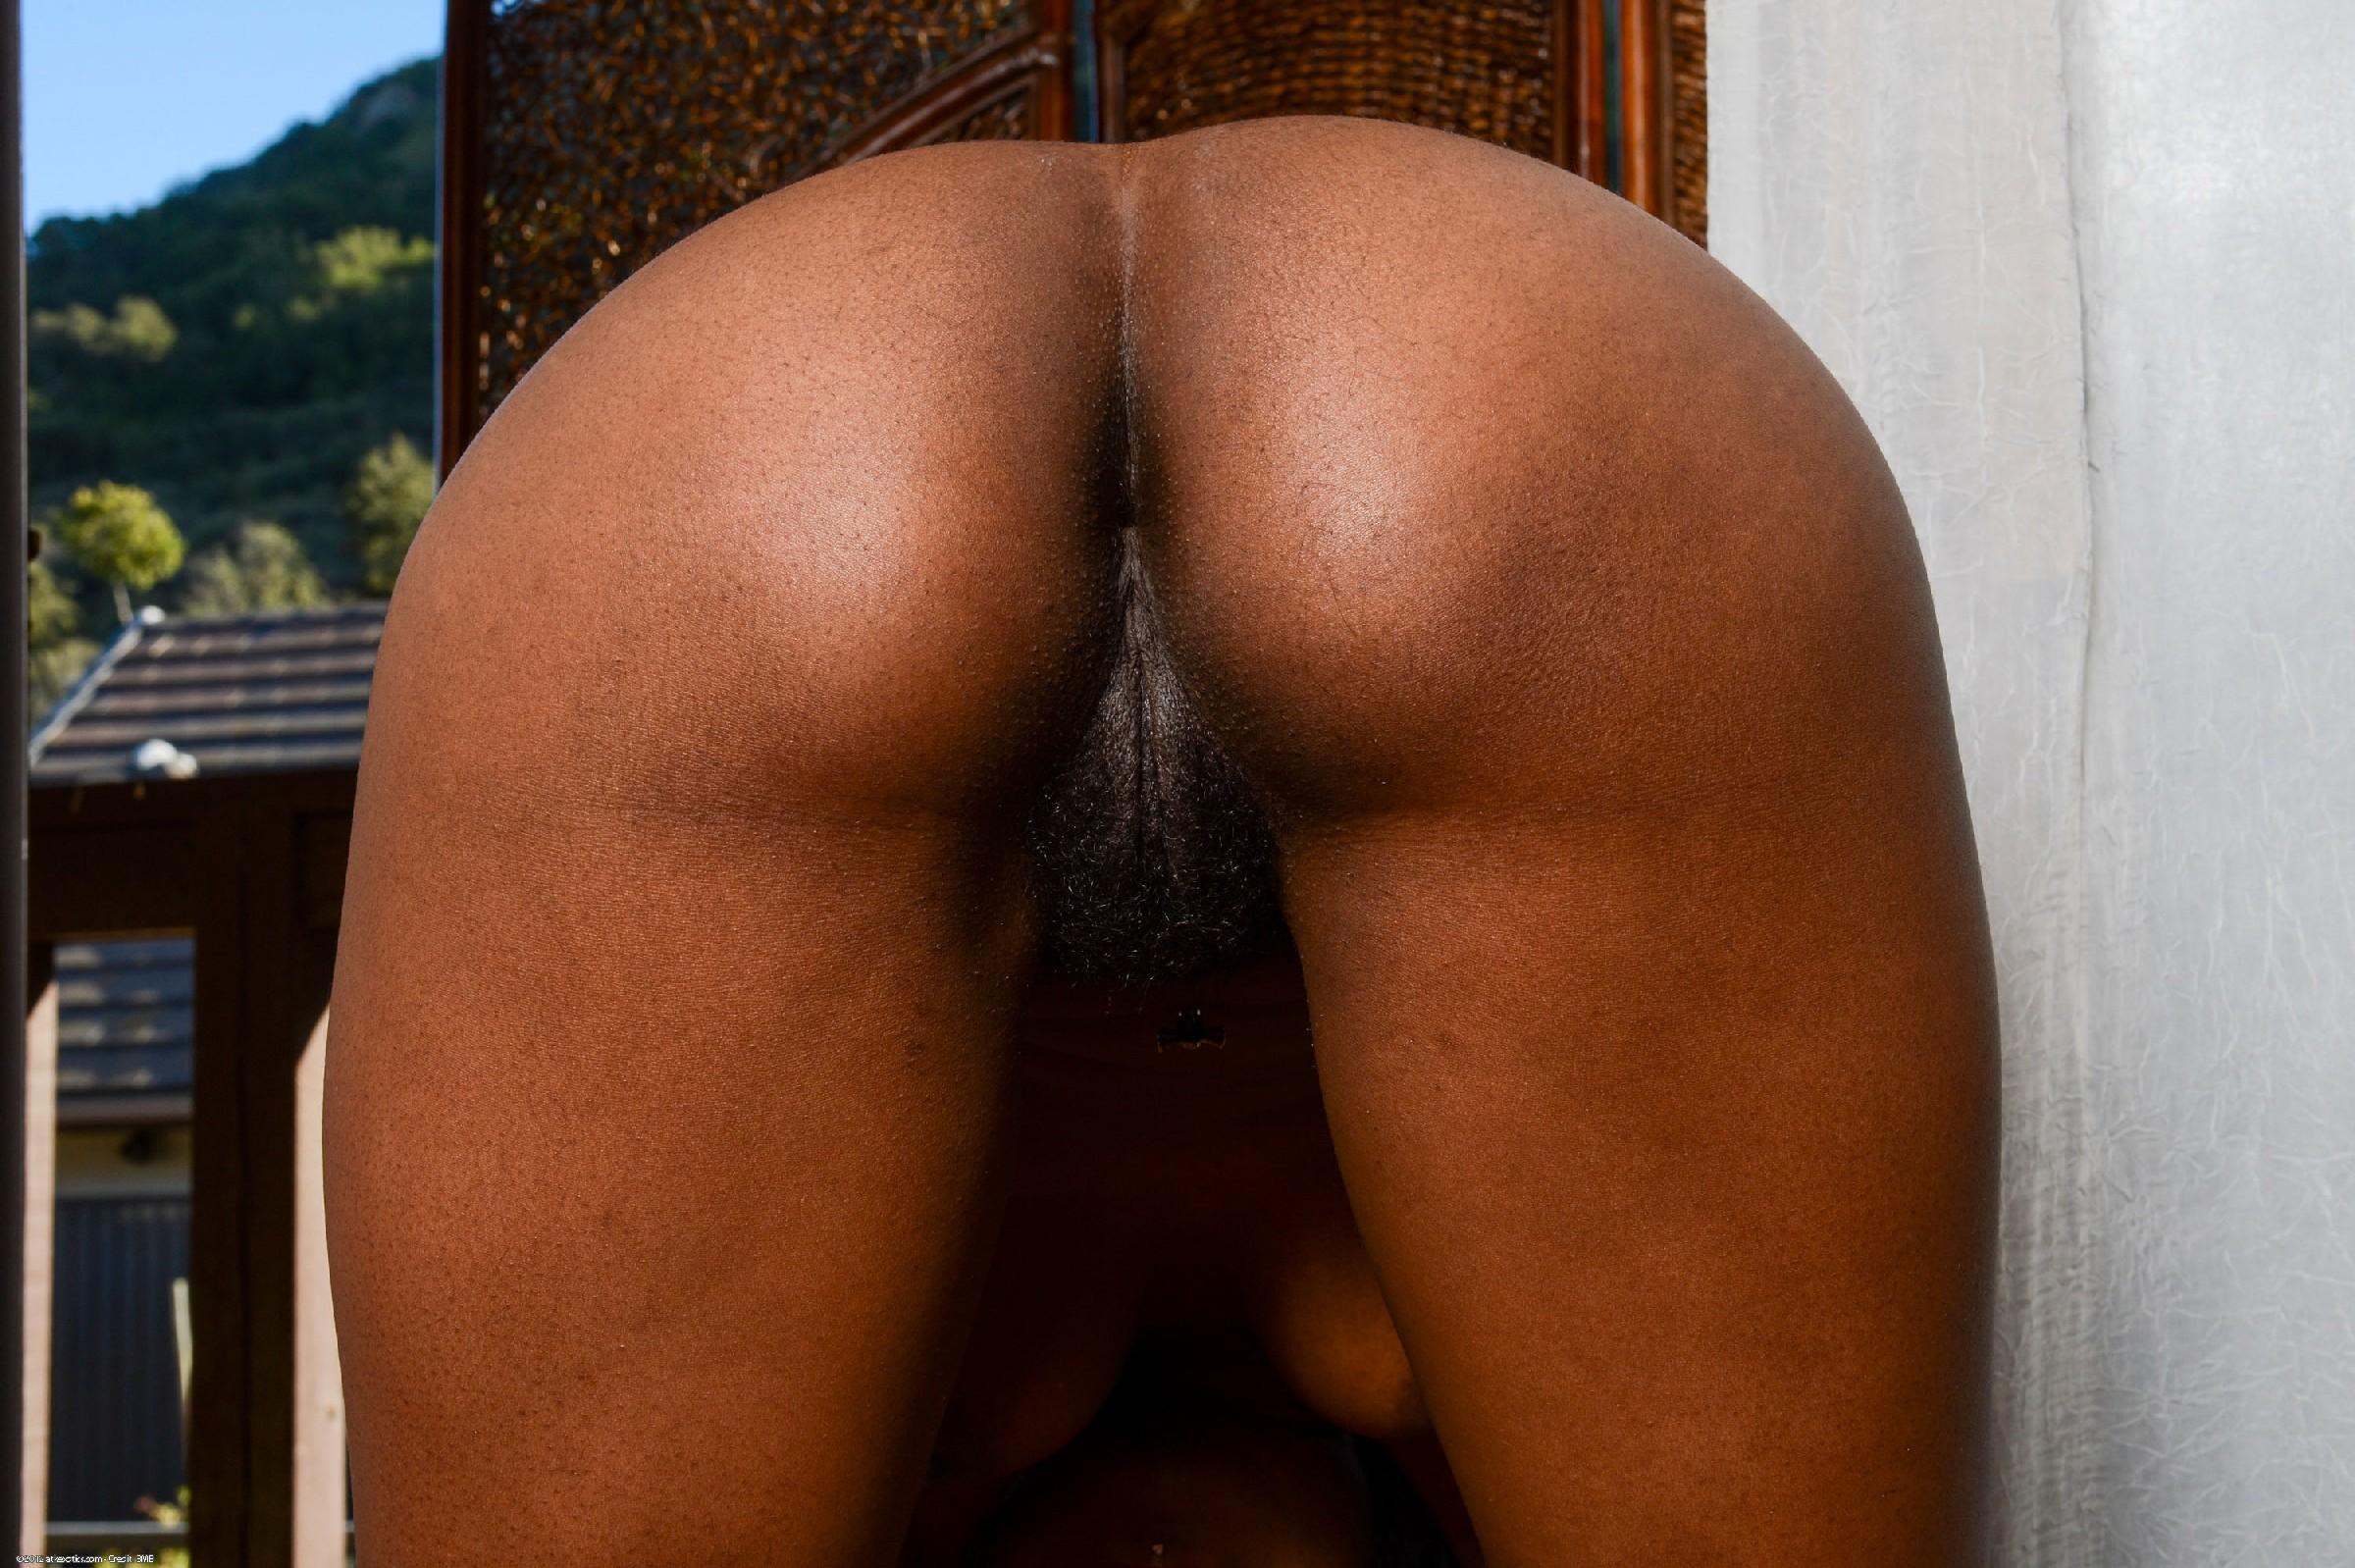 Нина – темнокожая пантера, которая абсолютно не стесняется показывать свое тело всем подряд